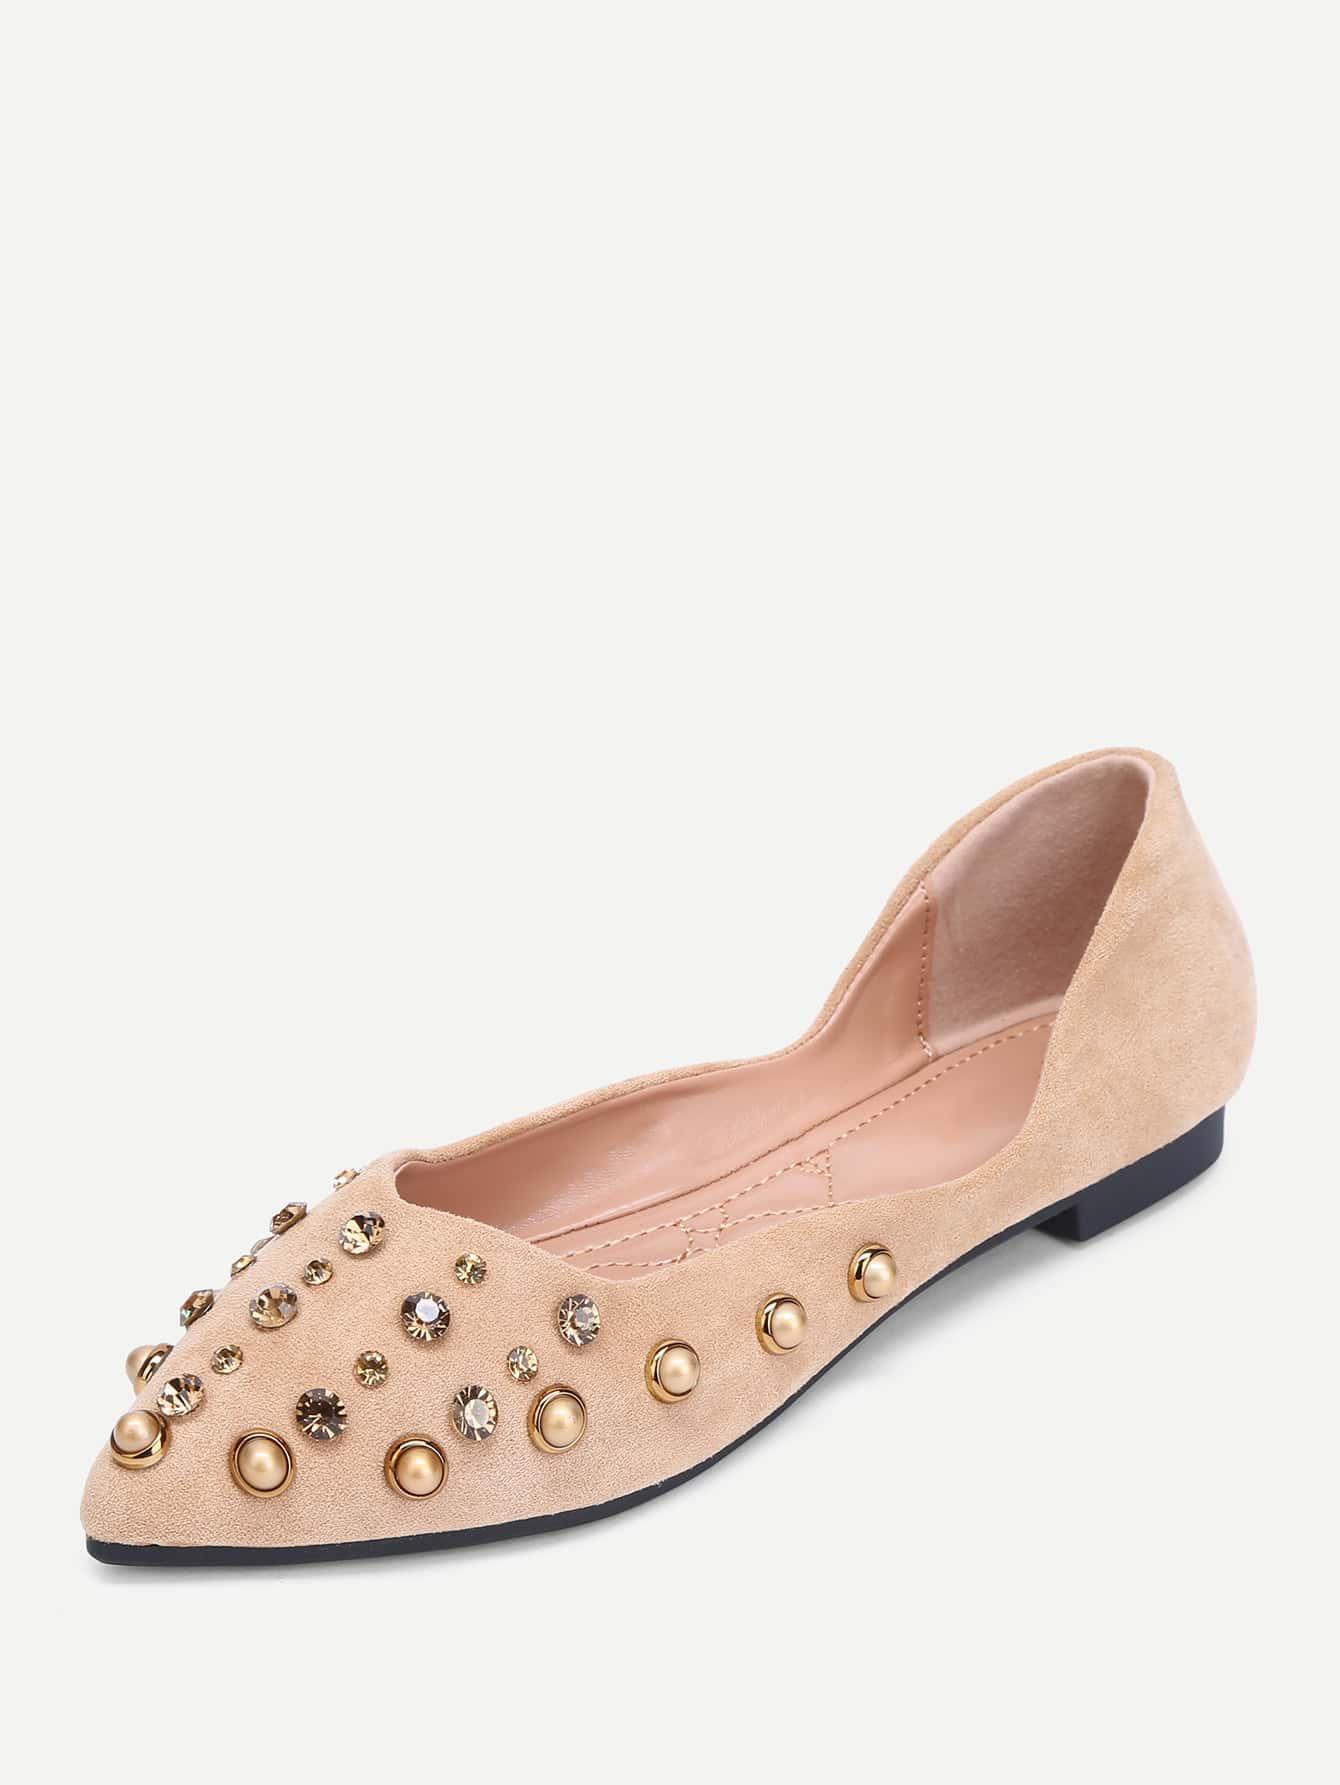 Wildleder flache Schuhe mit Strass und Nieten | SHEIN